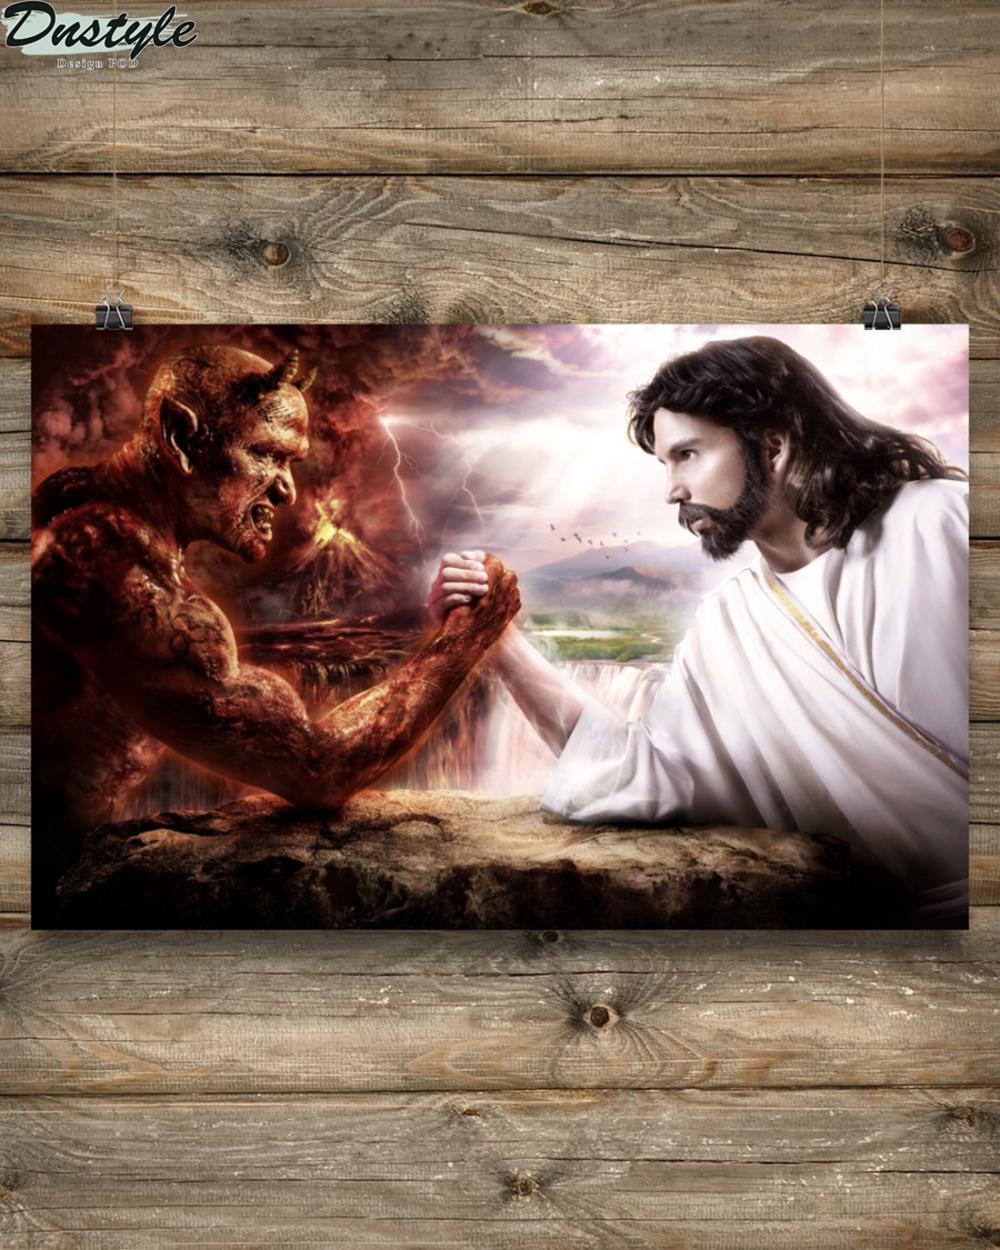 Jesus god vs devil poster 2